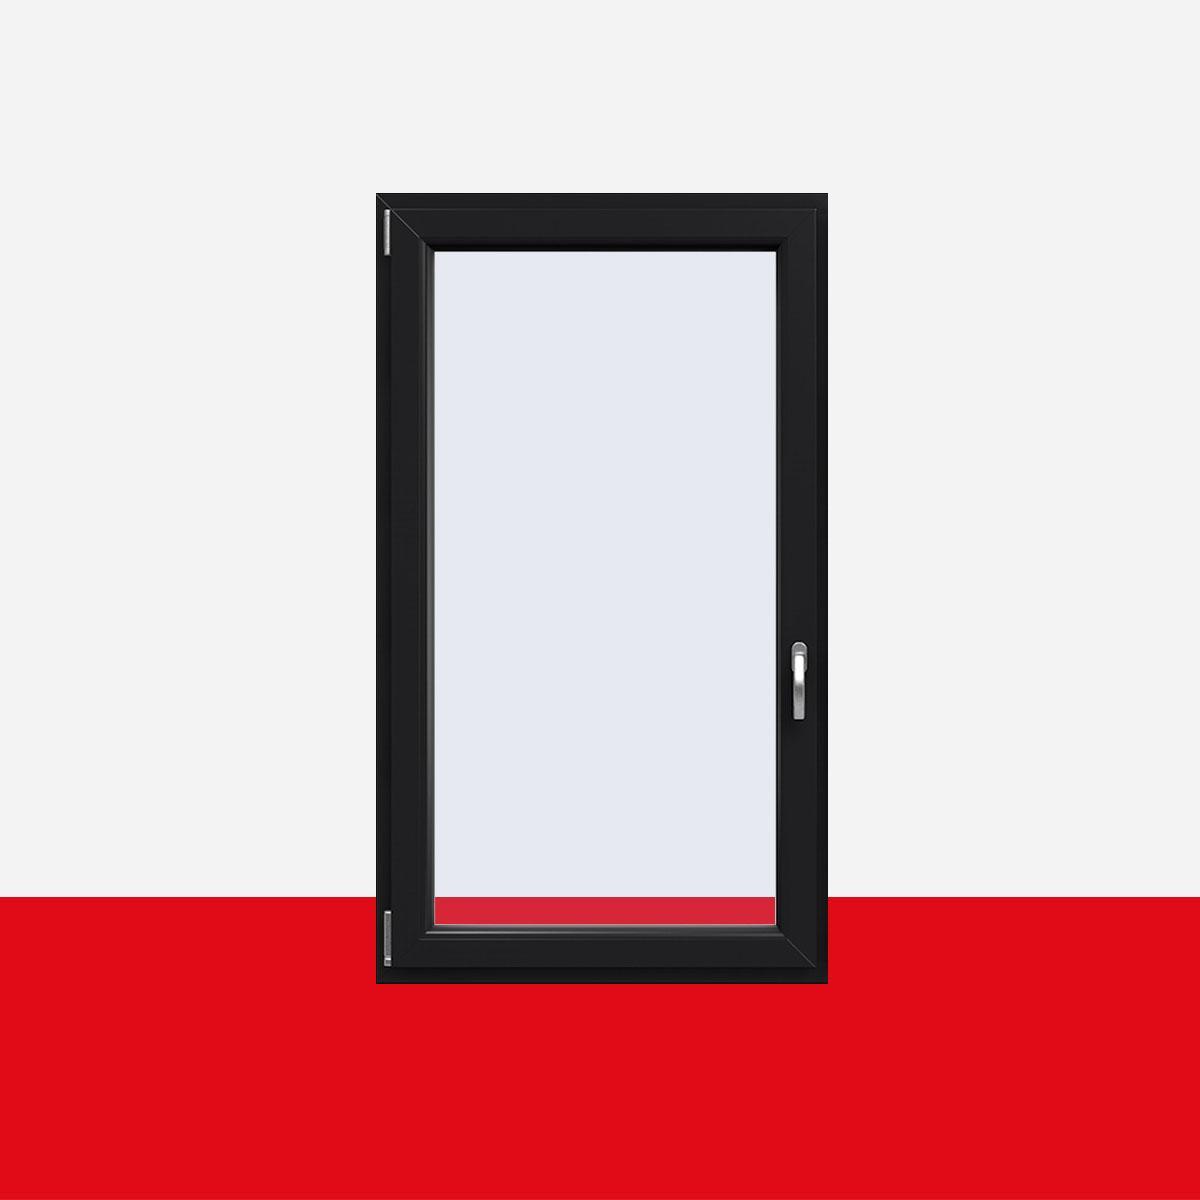 Kunststofffenster Anthrazit kunststofffenster anthrazitgrau innen und außen dreh kipp fenster